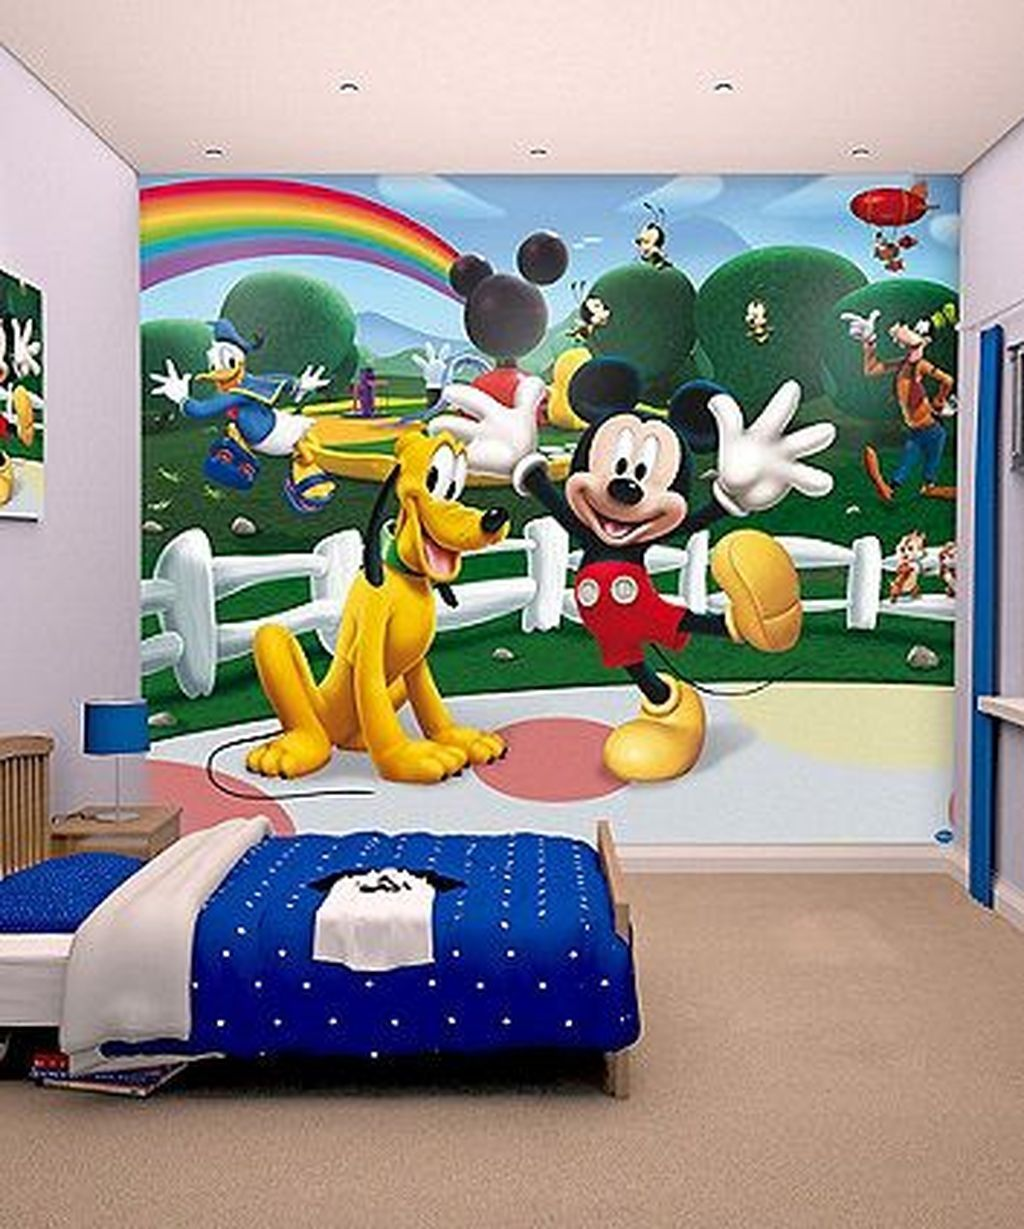 46 Stunning Disney Bedroom Designs Ideas For Your Children | Bedroom ...